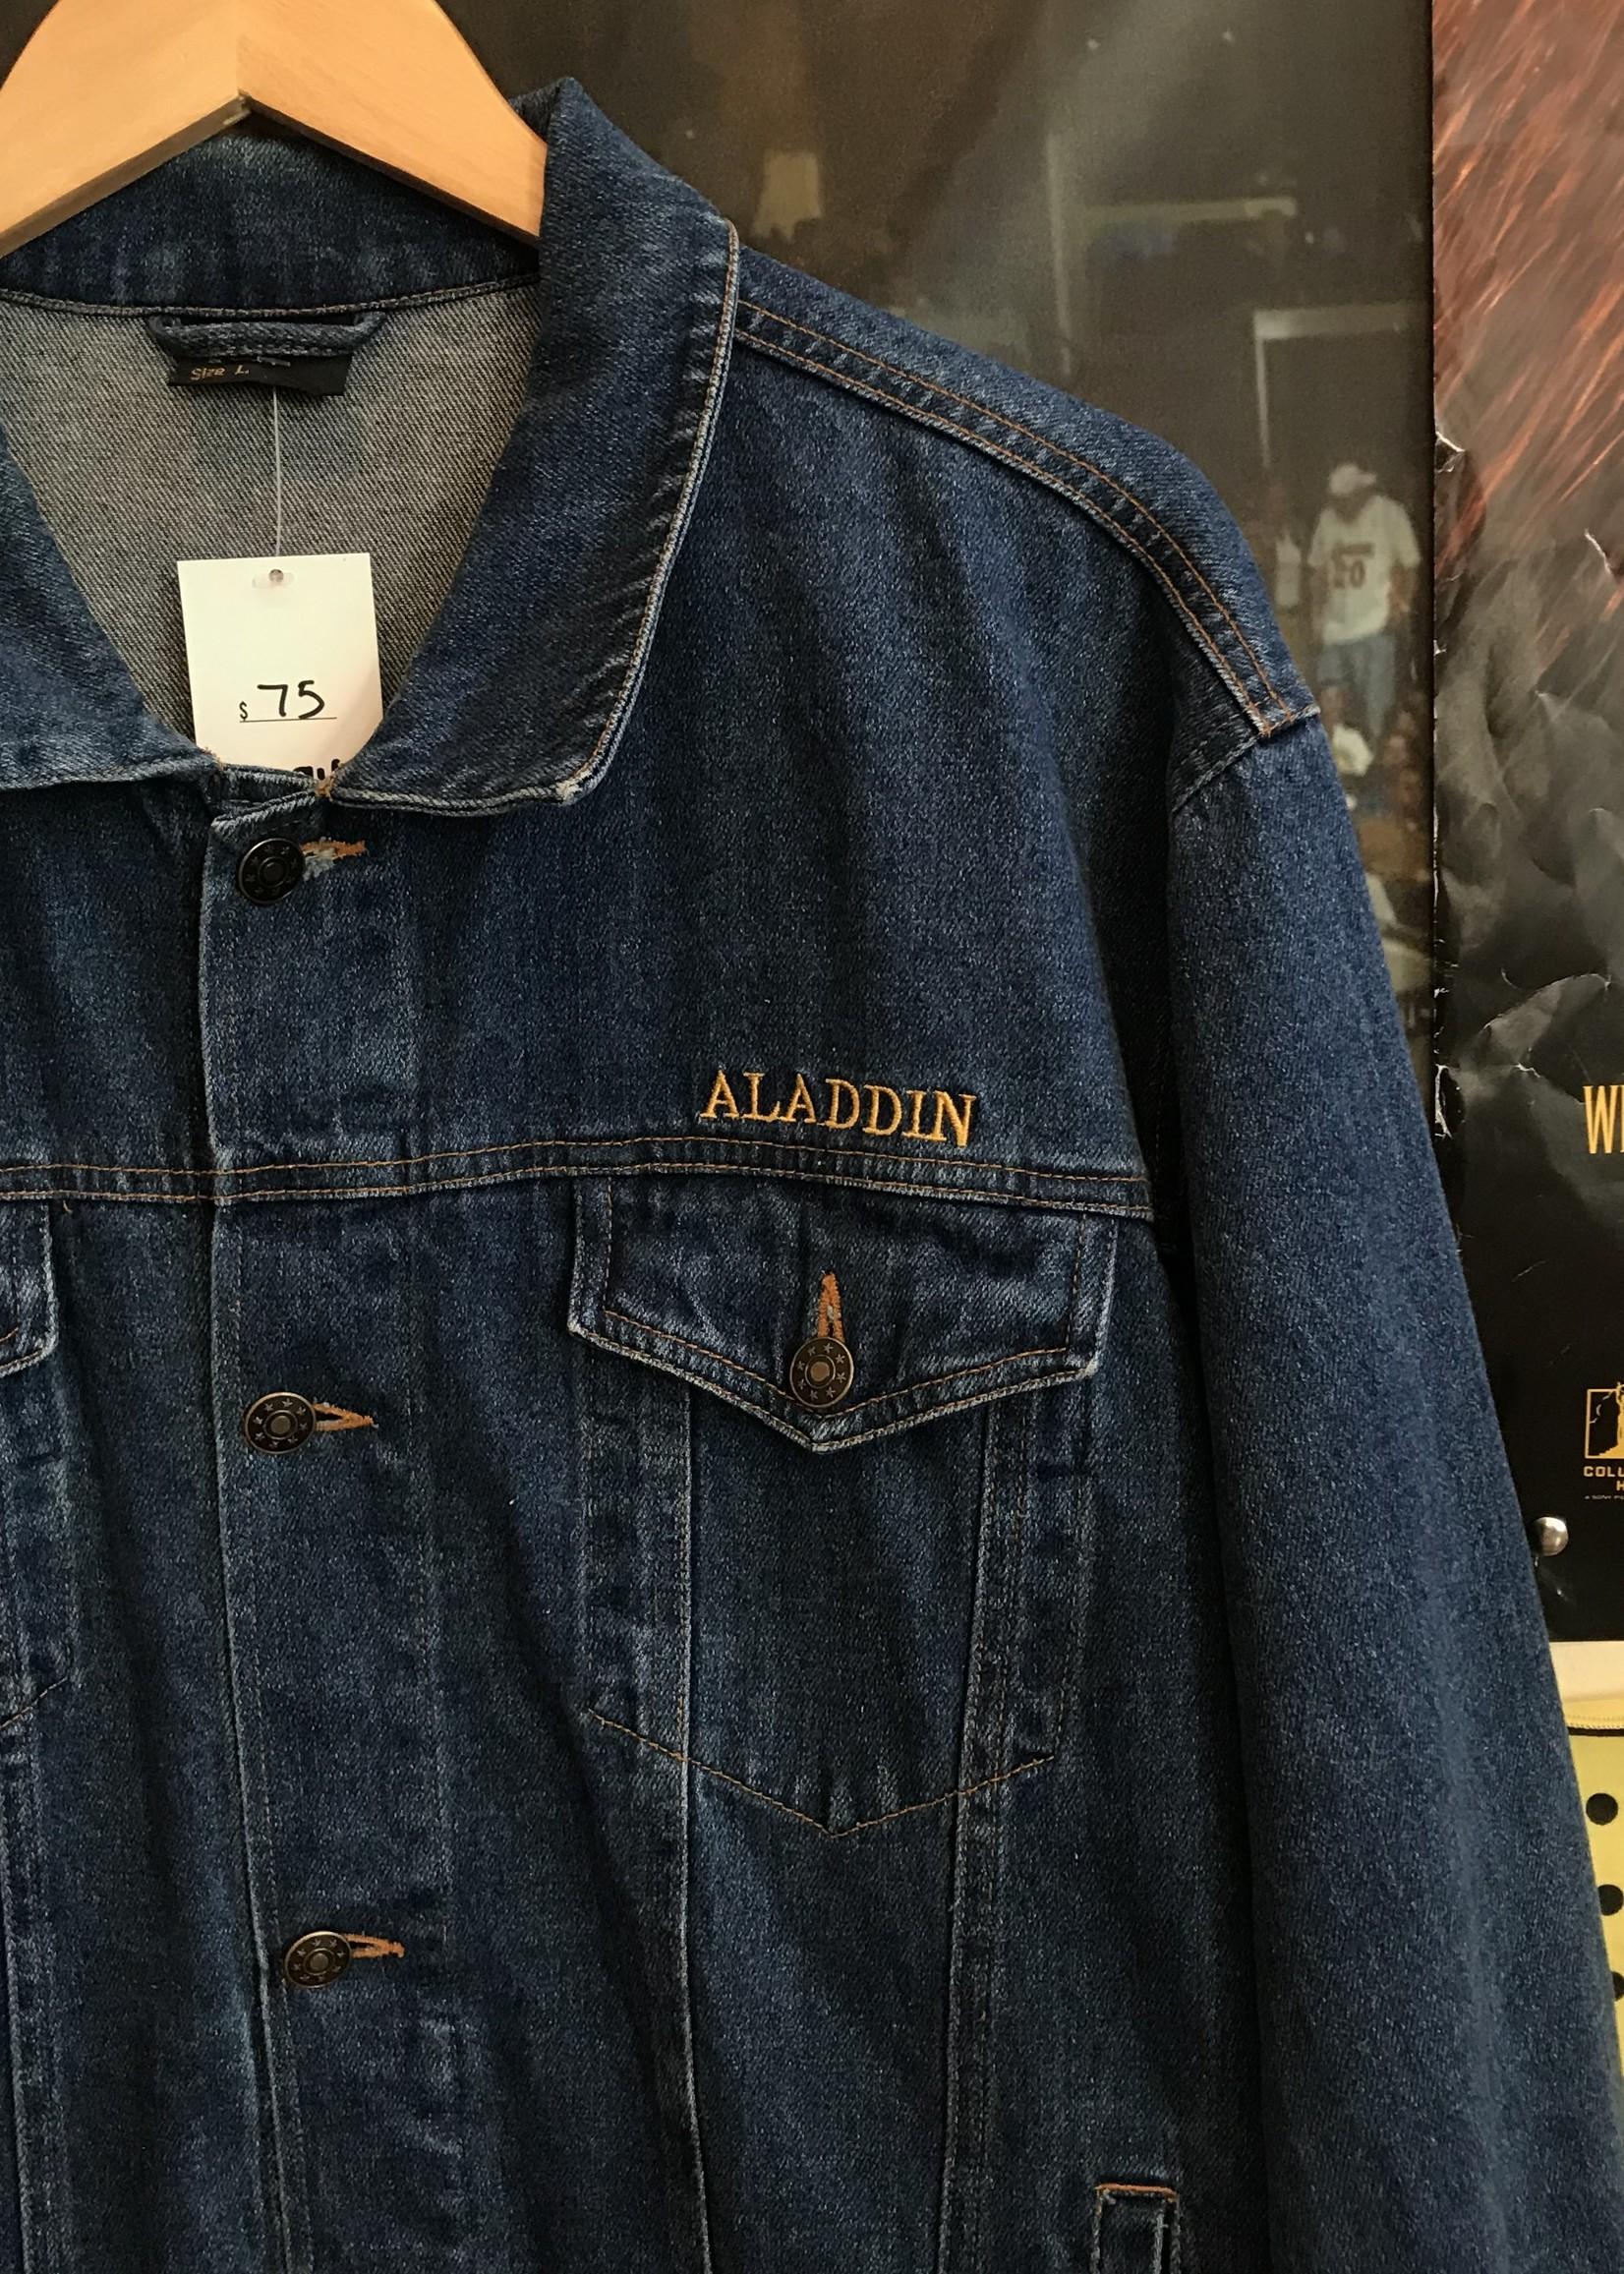 1994 aladdin jean jacket sz. L